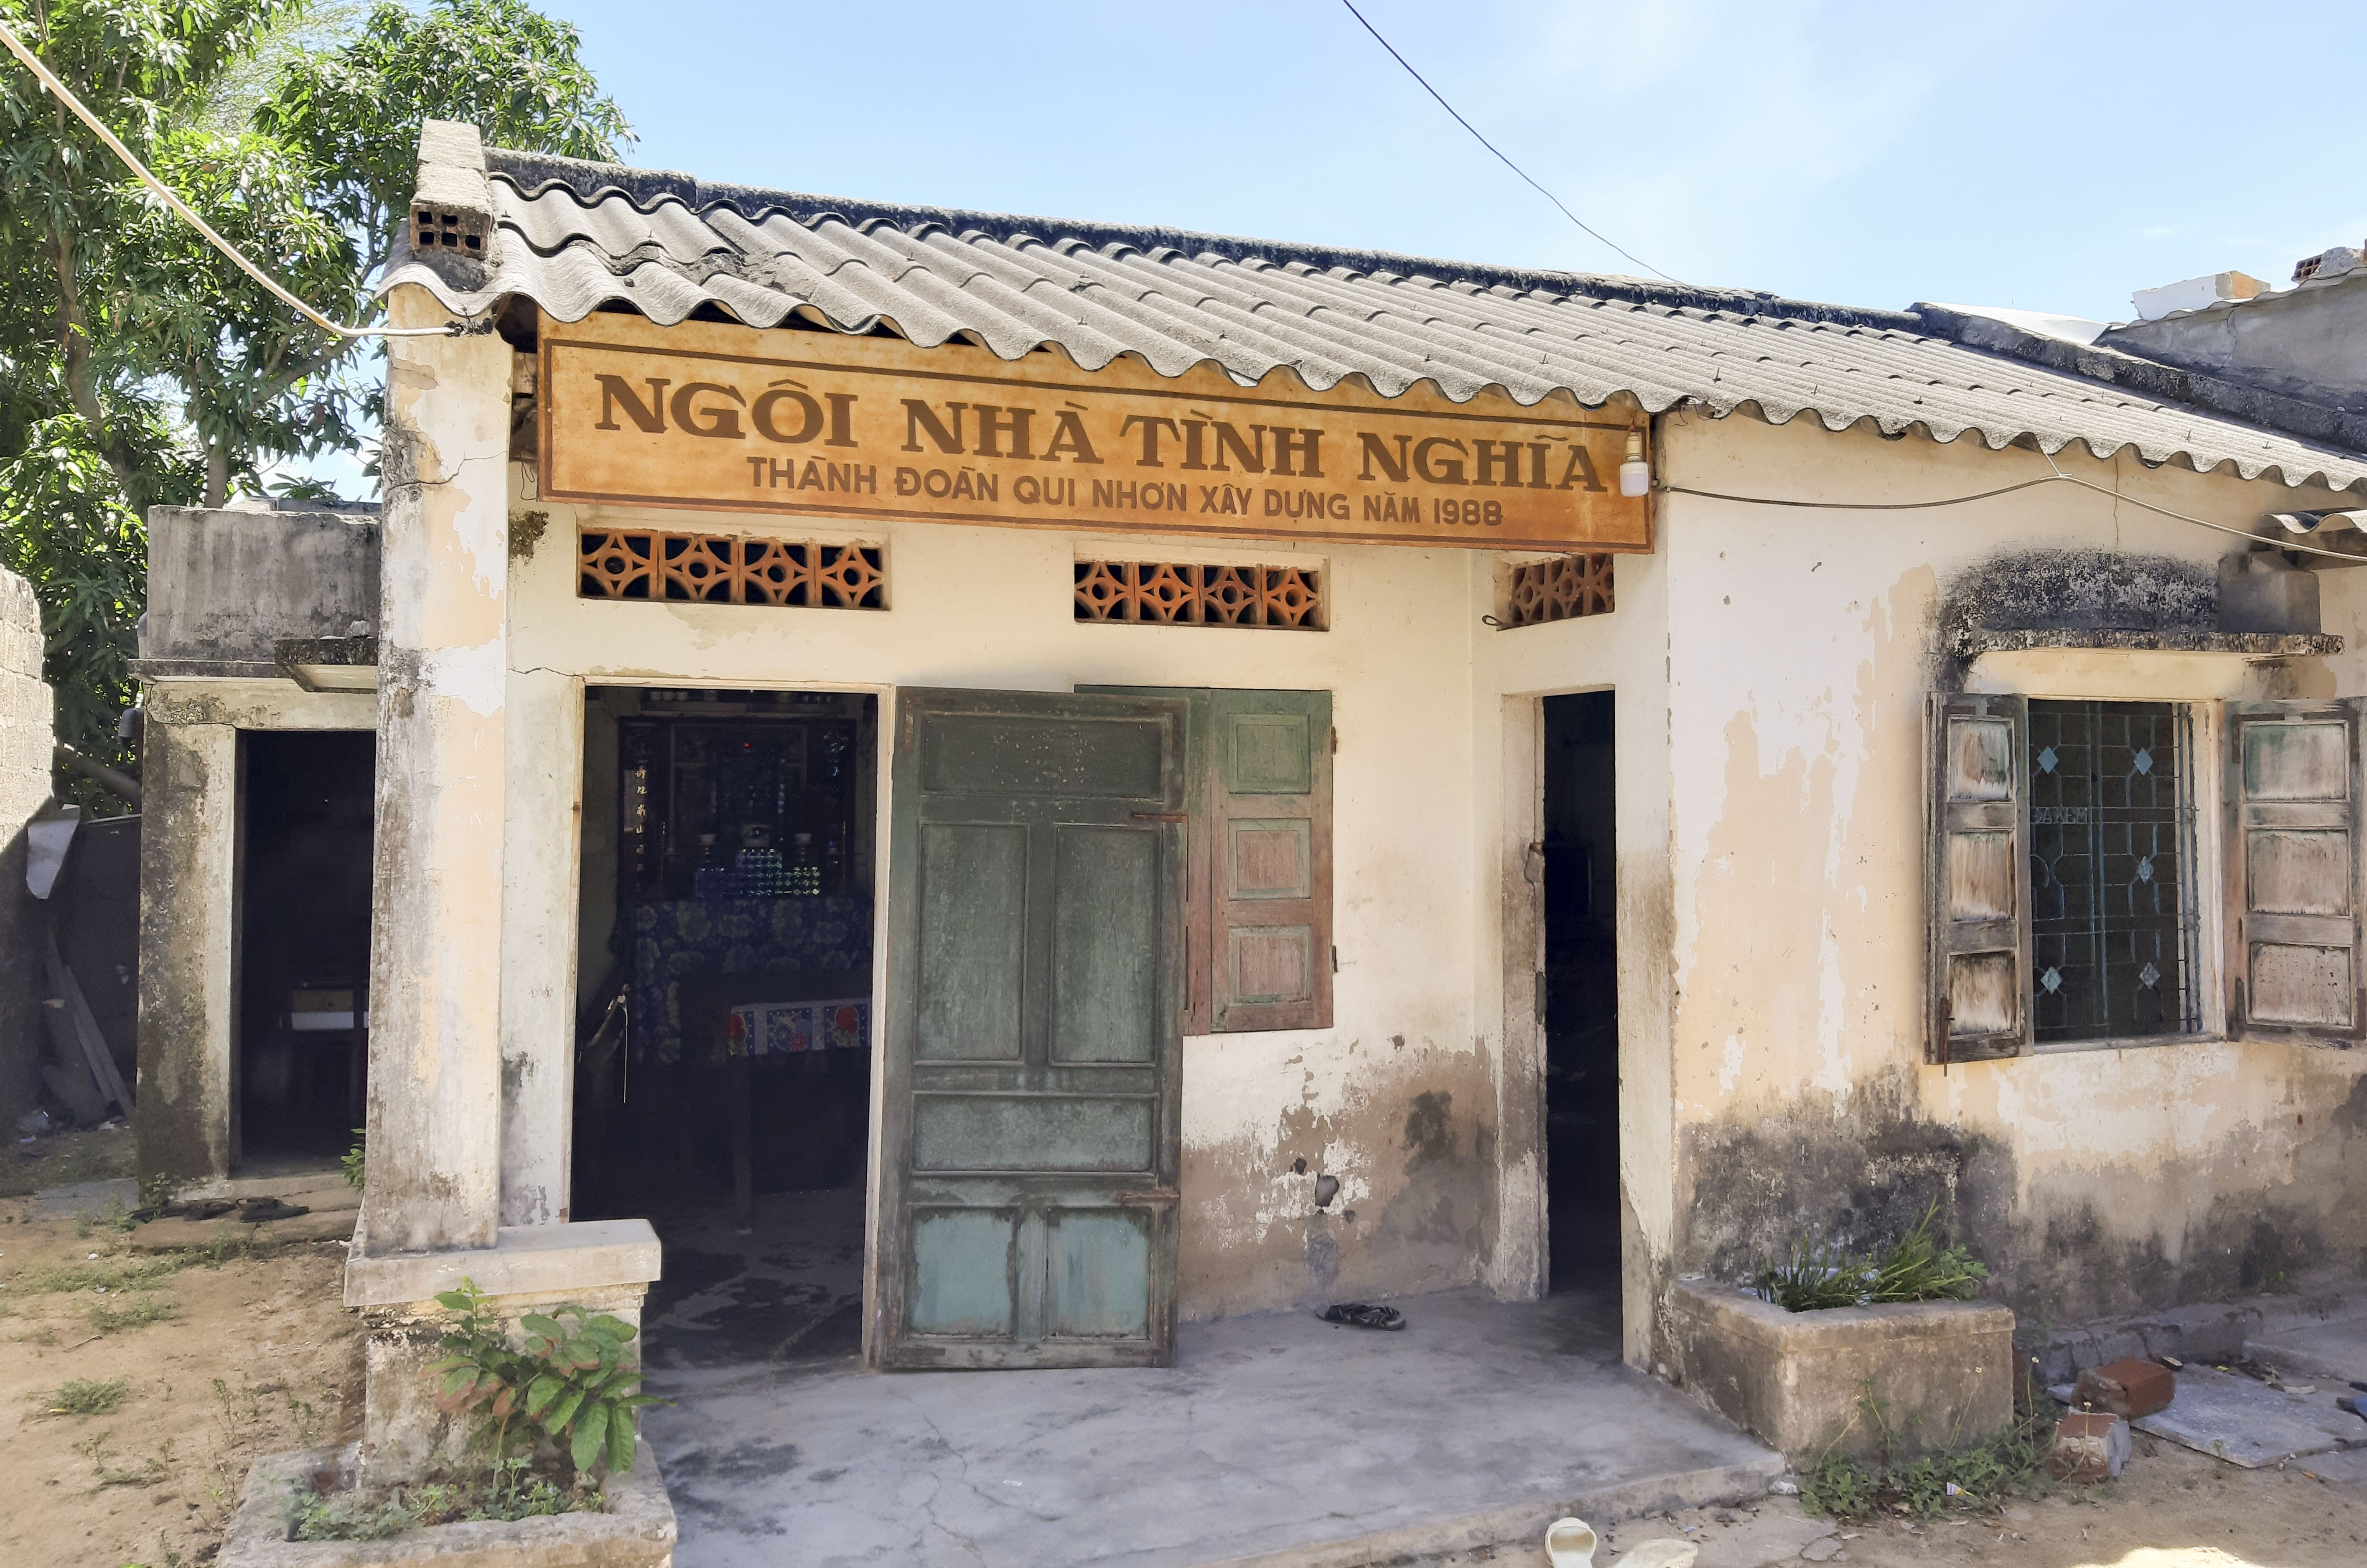 Ngôi nhà của Mẹ Việt Nam Anh hùng Võ thị Mười nằm trong khu giải tỏa nhưng vẫn chưa được cấp đất để xây dựng nơi thờ cúng